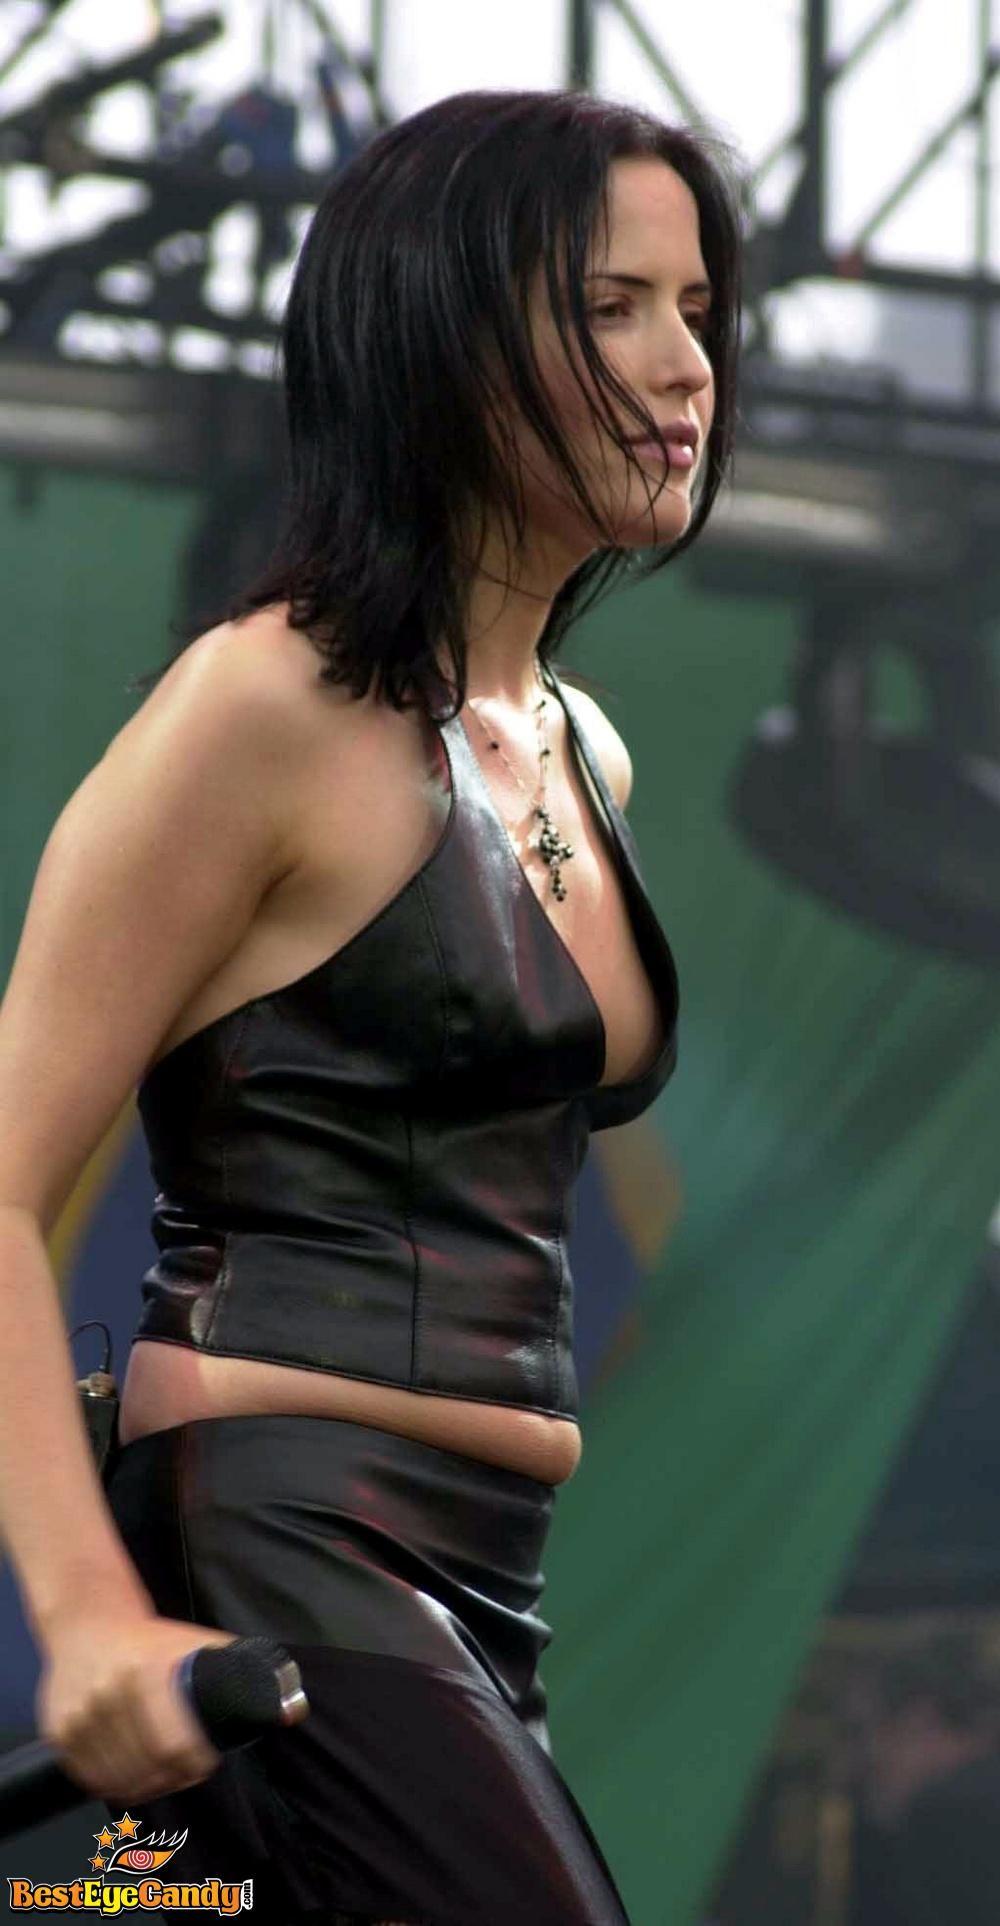 Andrea jane corr nude